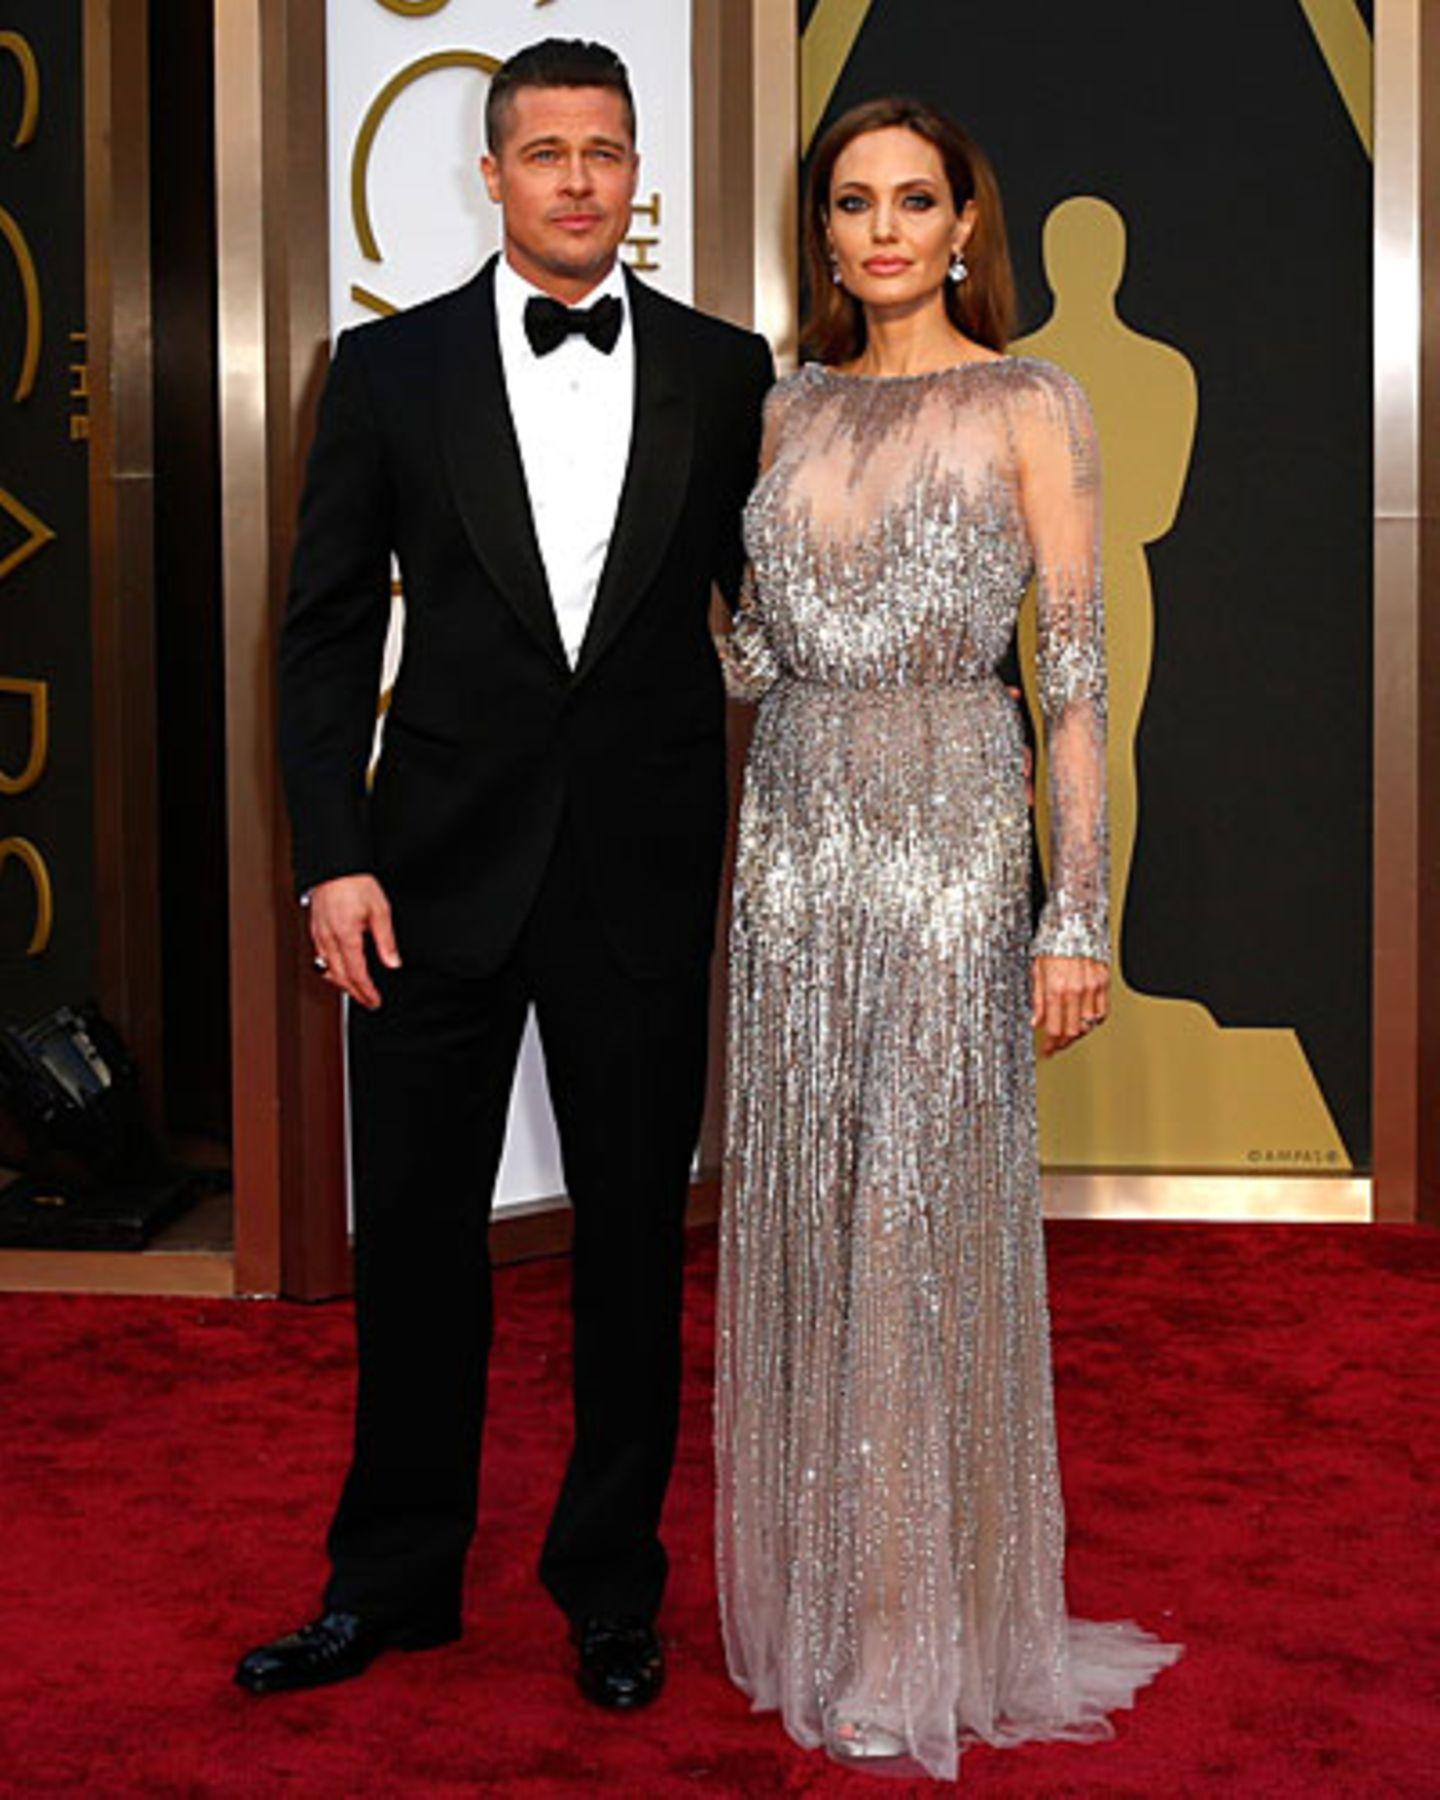 Er sagt: Ich möchte einen Lametta-Scherz machen. Aber das habe ich, glaube ich, schon letztes Jahr bei Angelina Jolie getan. Sie sagt: Wer macht eigentlich jetzt bei denen Babysitting, wenn beide bei den Oscars sind? Auch Liev Schreiber? Angelina sieht übrigens strahlend schön aus. Elegant kann sie. Oder fällt dir spontan ein Kleid ein, mit dem sie daneben lag? Er sagt: Naja...hast du das Jahr vergessen, wo Kleid und Fotopose zusammen etwas seltsam waren?